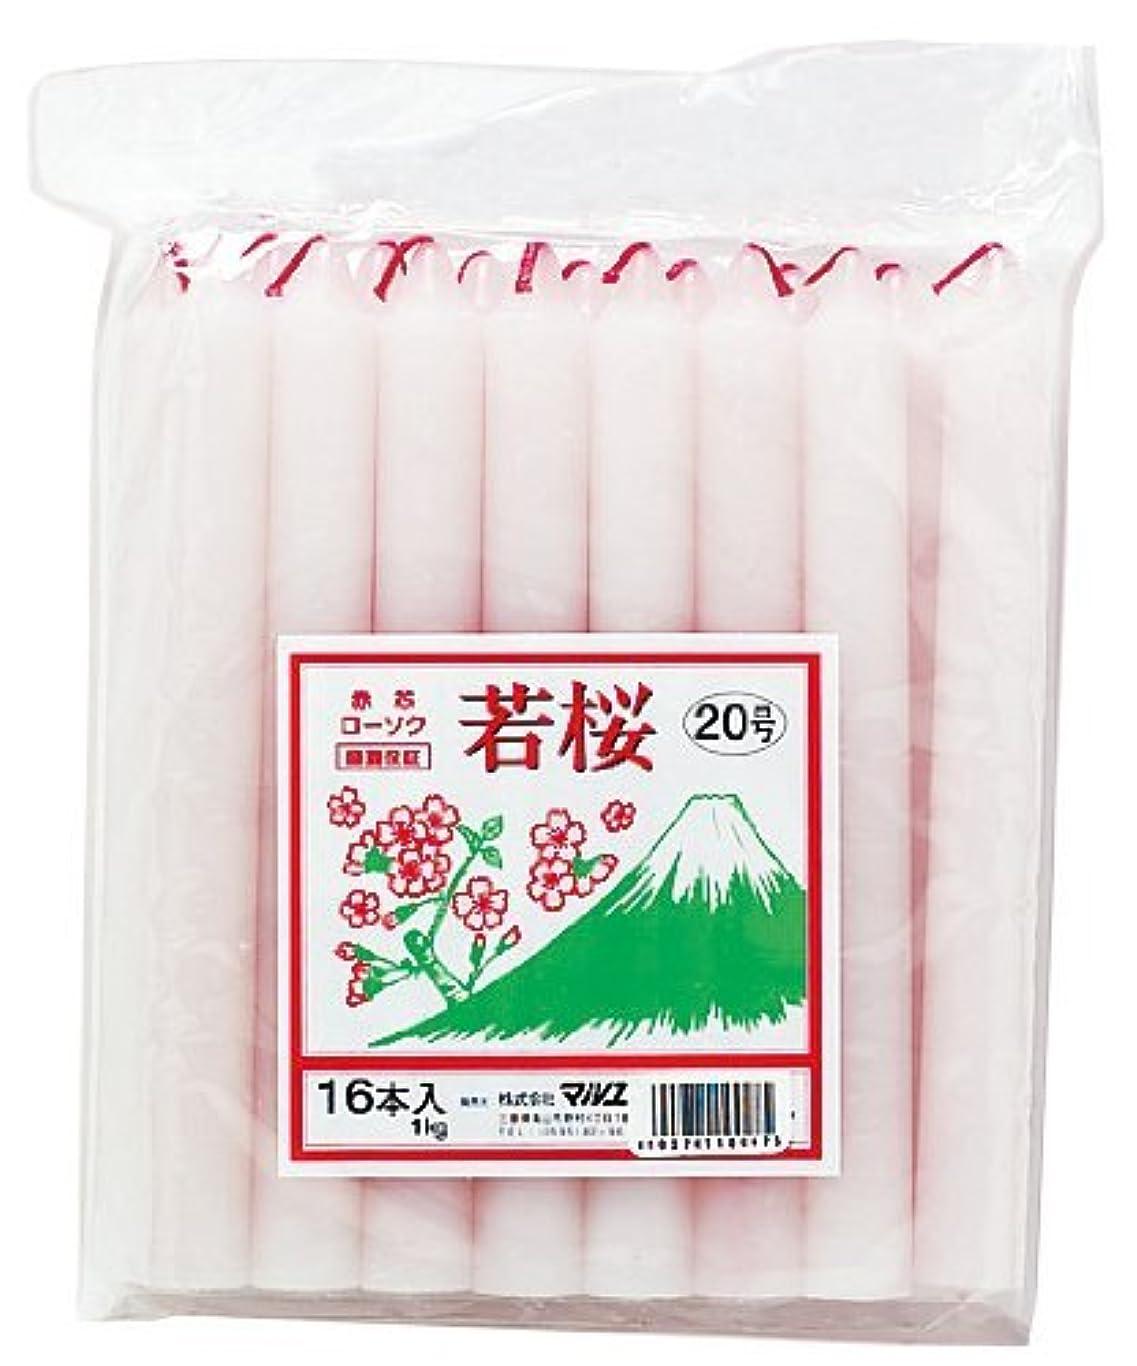 マルエス 若桜 赤芯20号 1kg